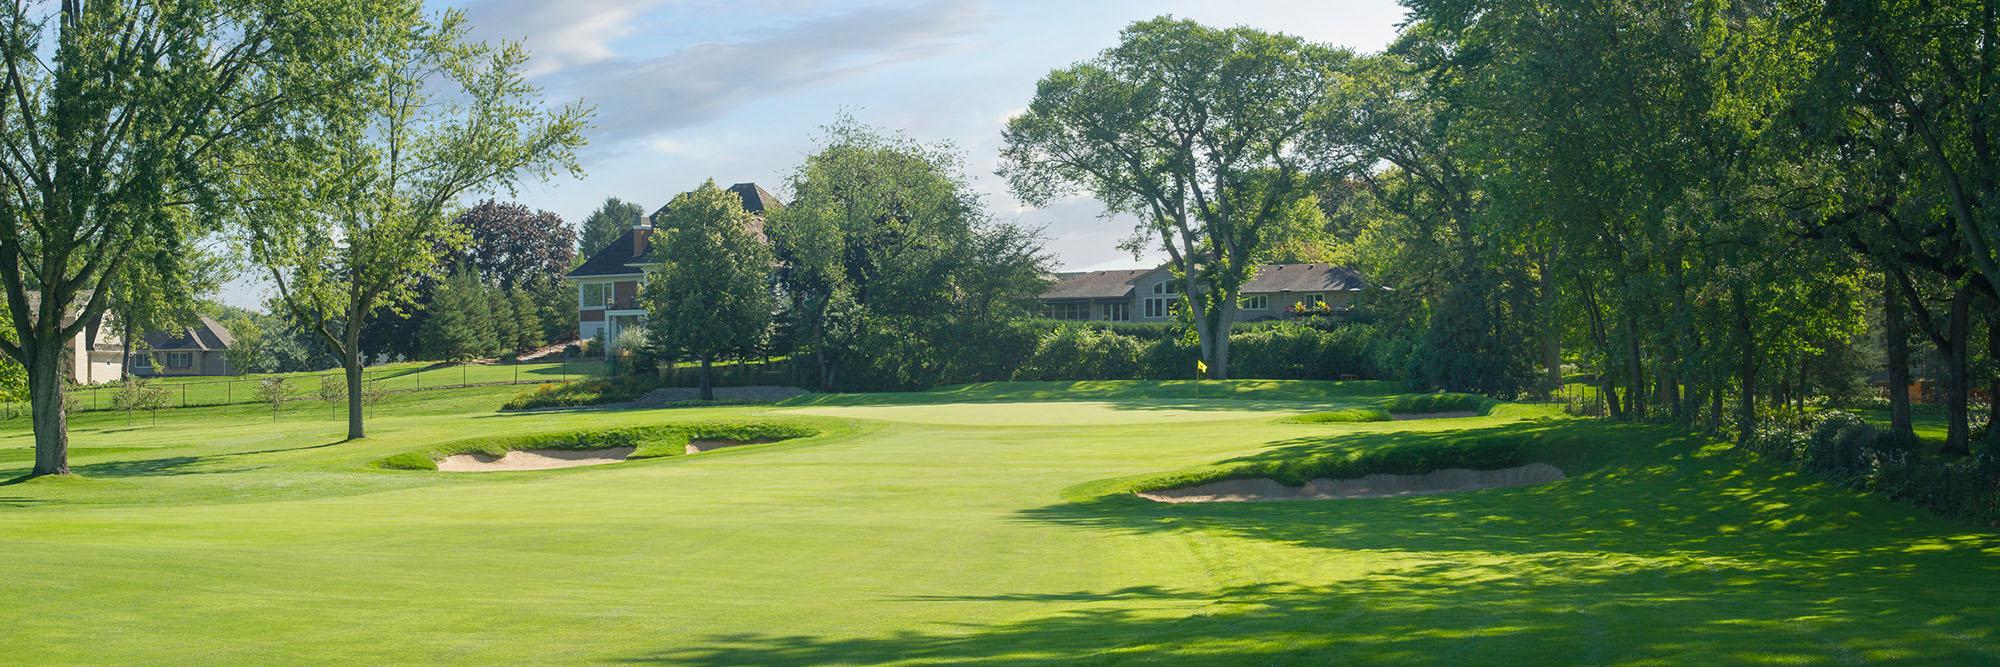 Golf Course Image - Interlachen No. 14